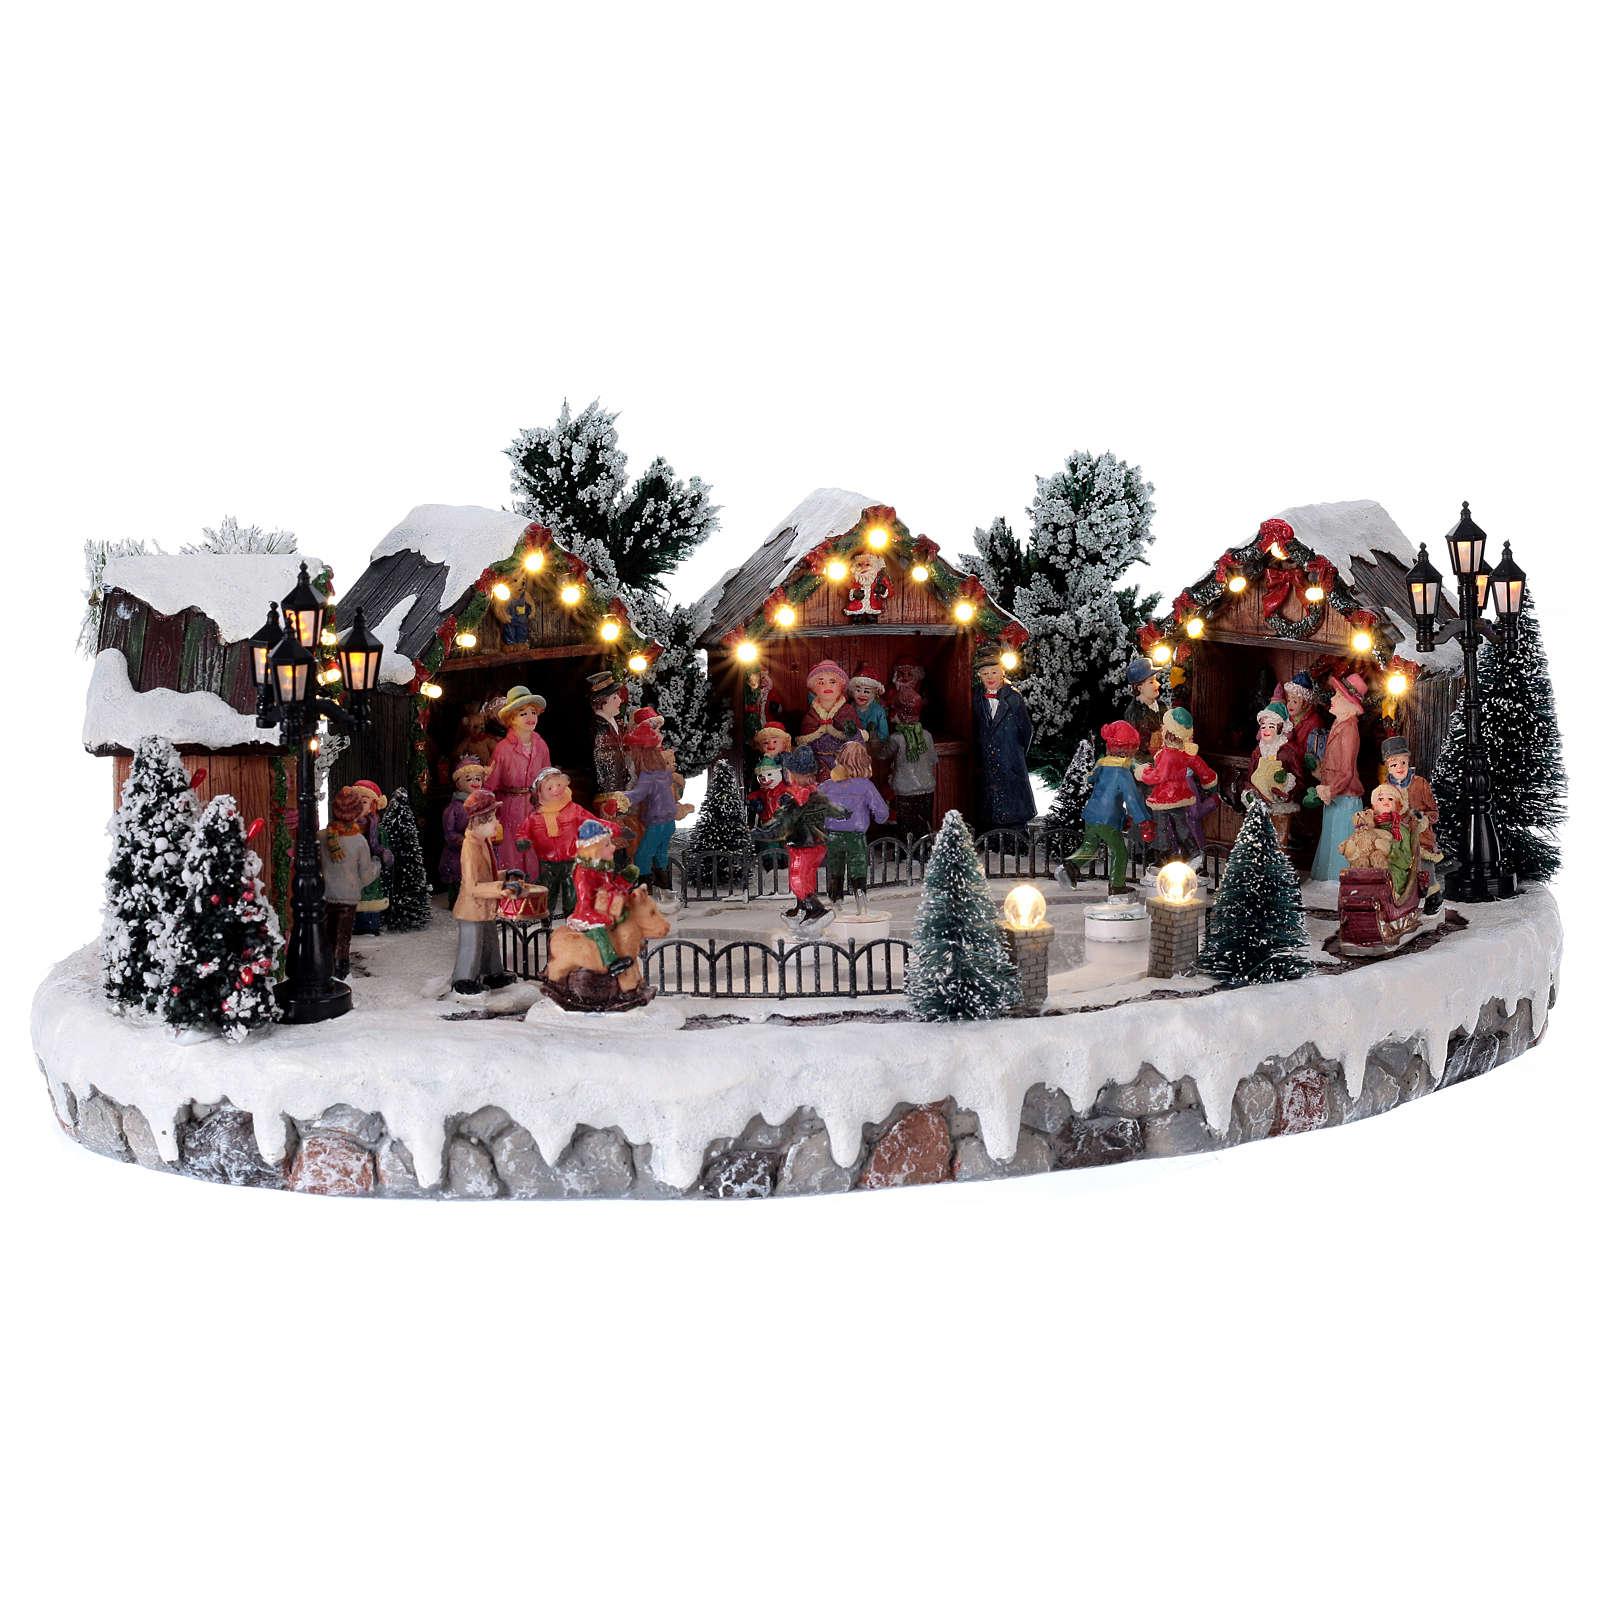 Weihnachtsdorf mit 6 Schlittschuhläufern in Bewegung 20x45x35 mit Beleuchtung und Musik Netzanschluss 3